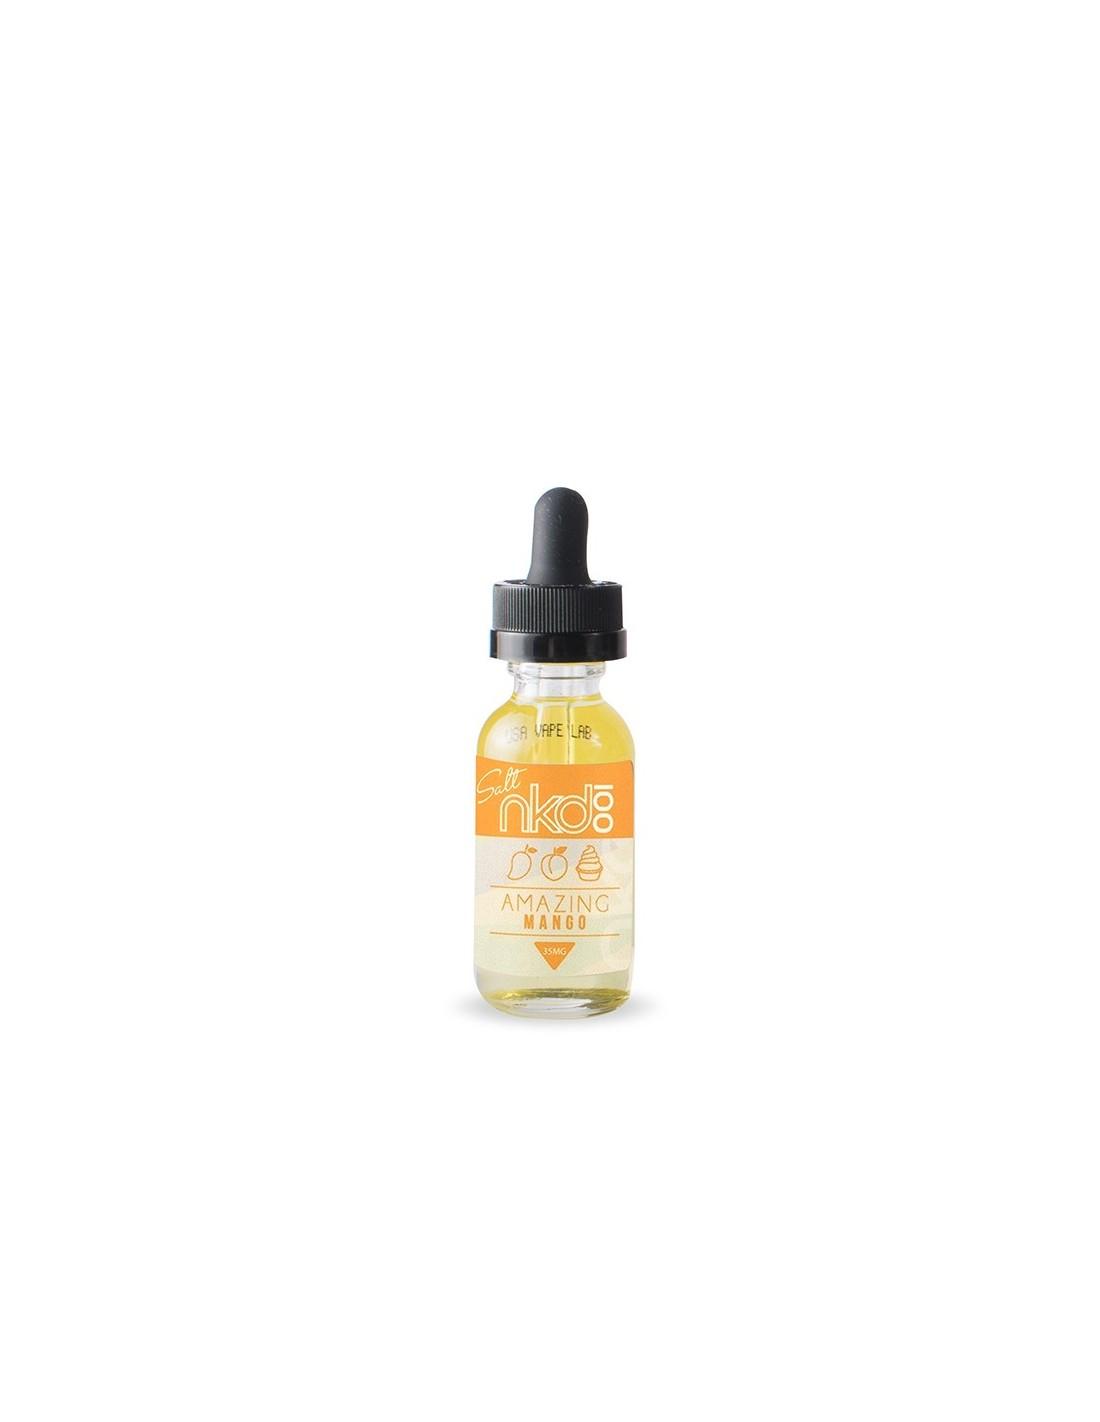 Naked 100 Ice Mango eLiquid 60ml - Vape Juice Depot